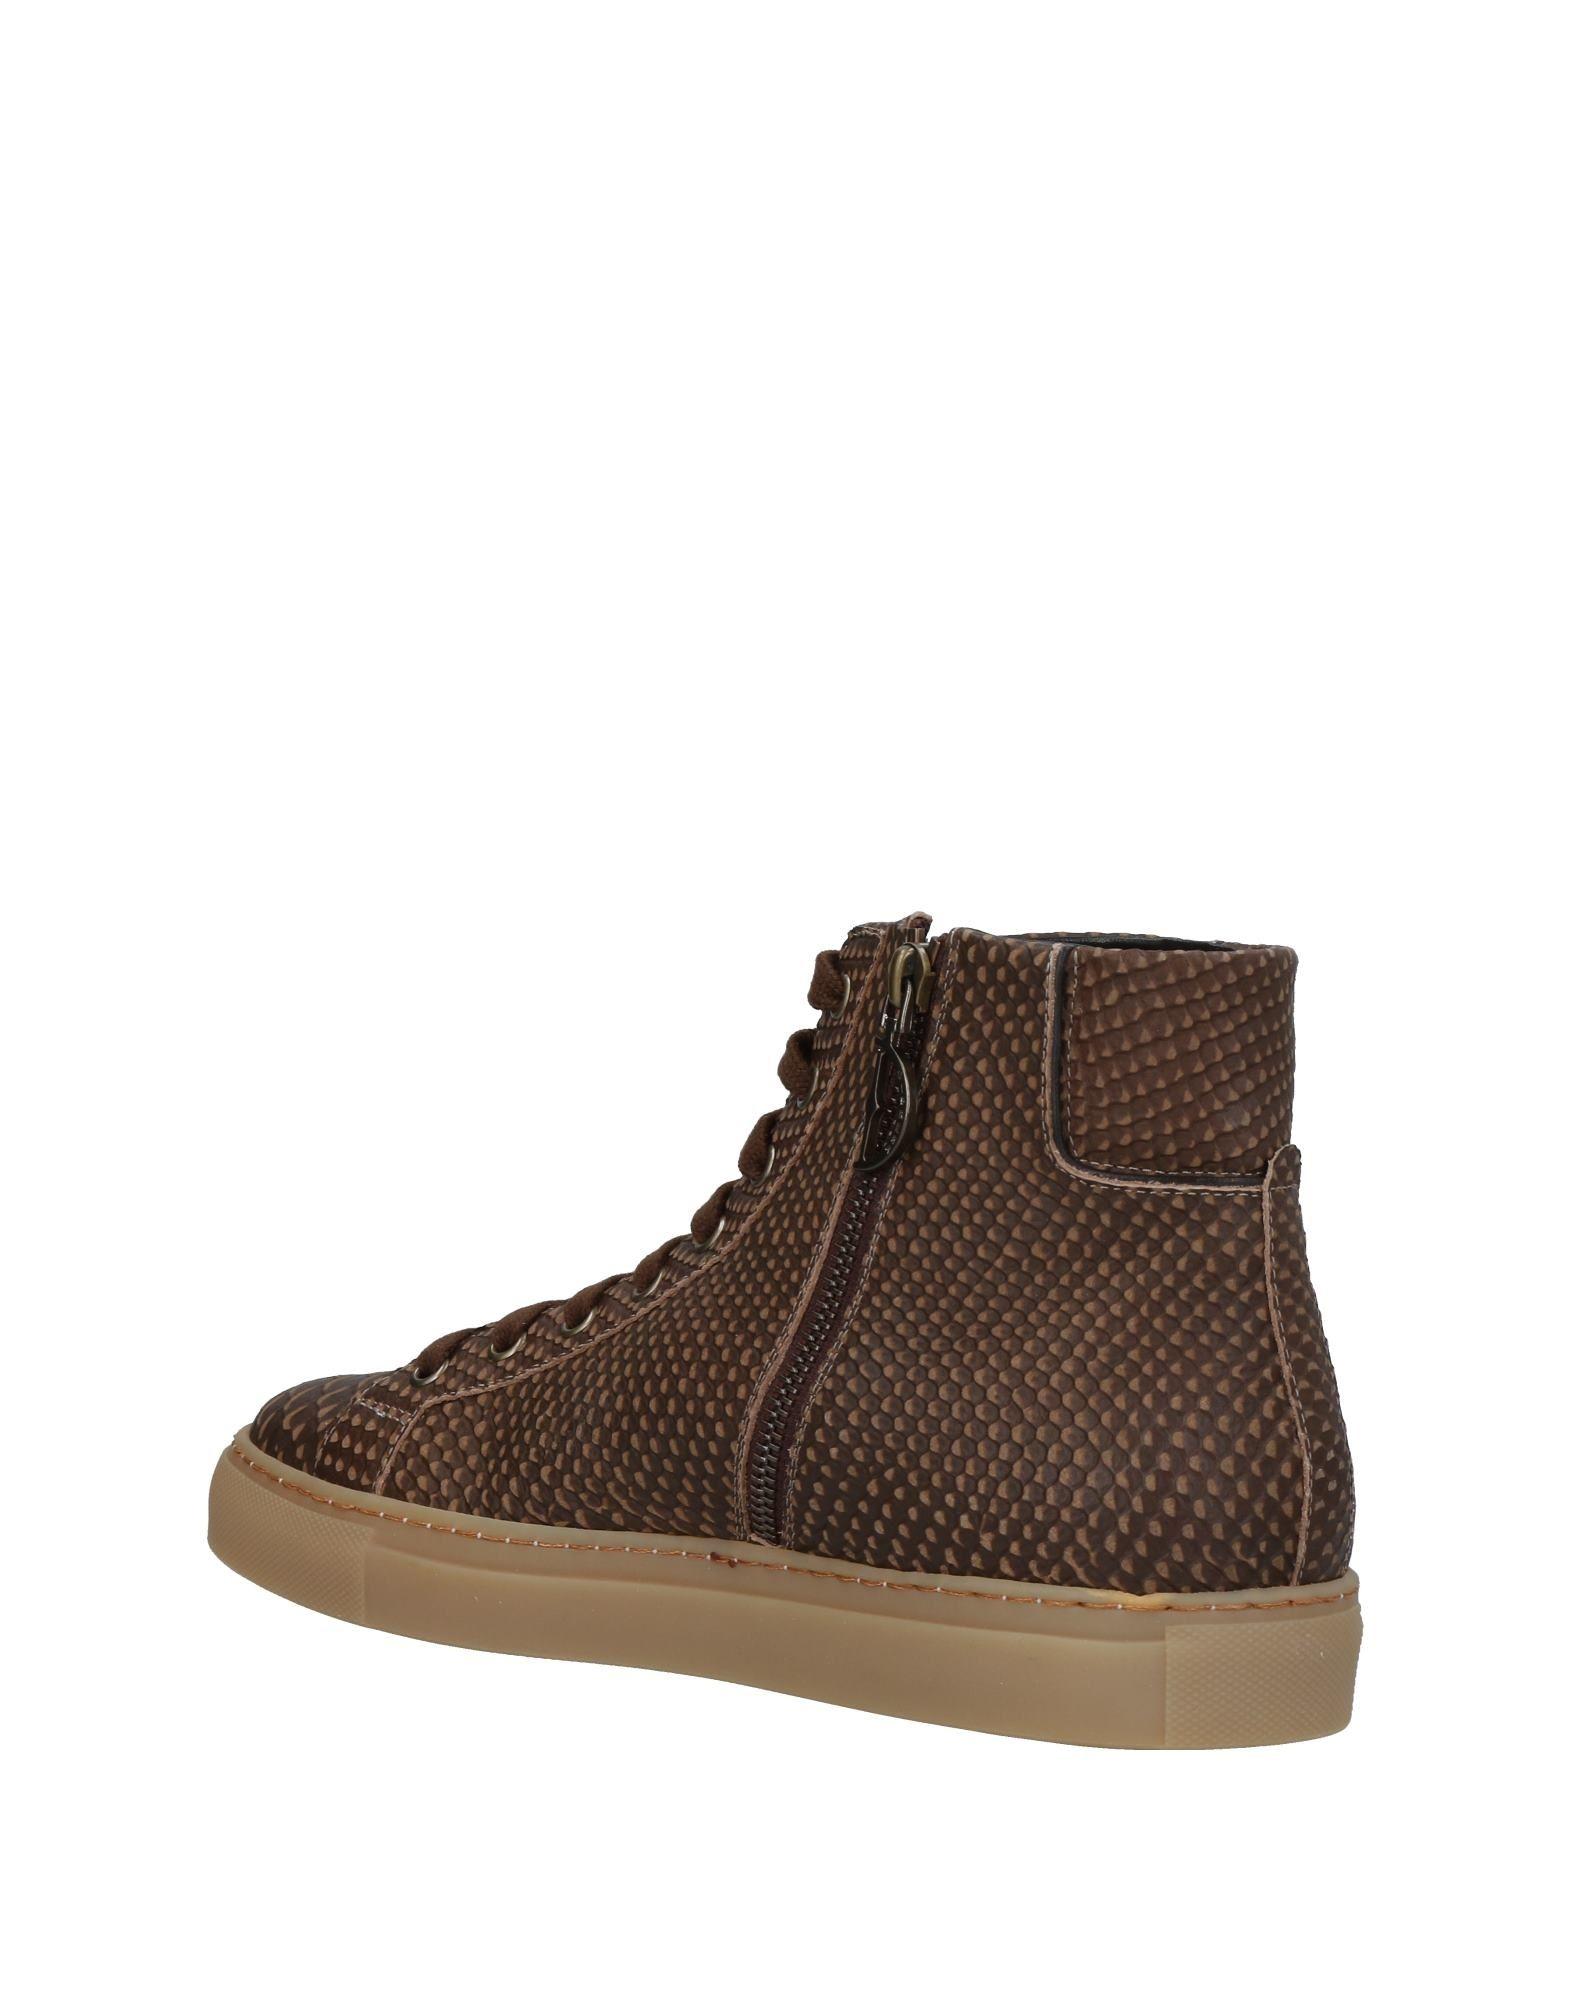 Zanoli Dibrera By Paolo Zanoli  Sneakers Herren  11420627HK b1c1dd